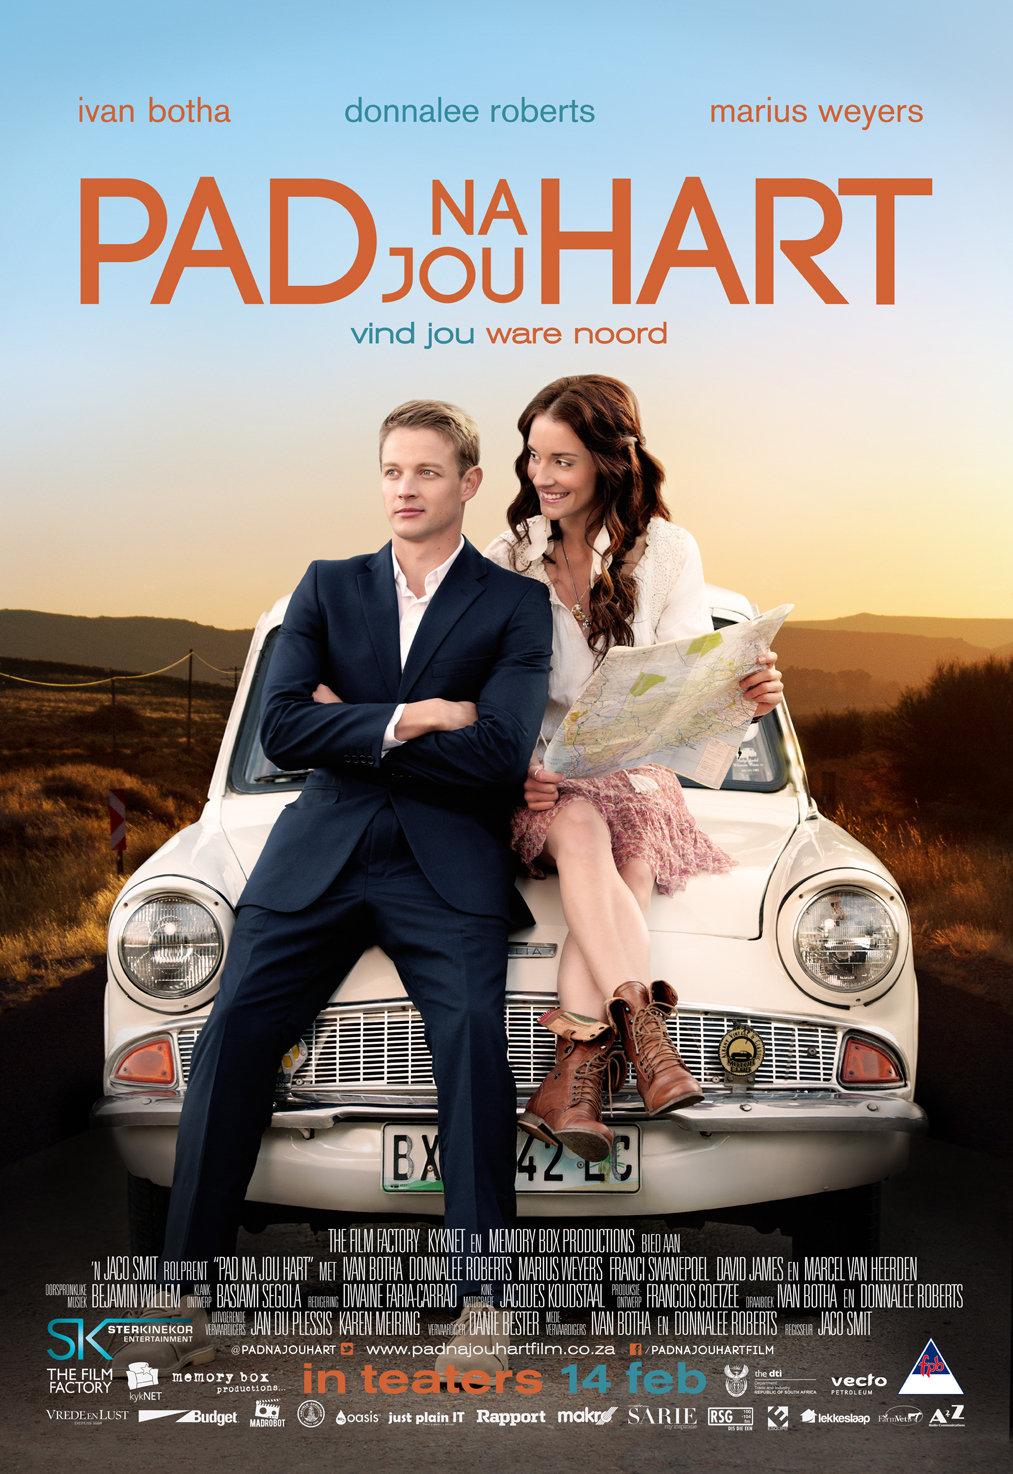 vir altyd full movie download